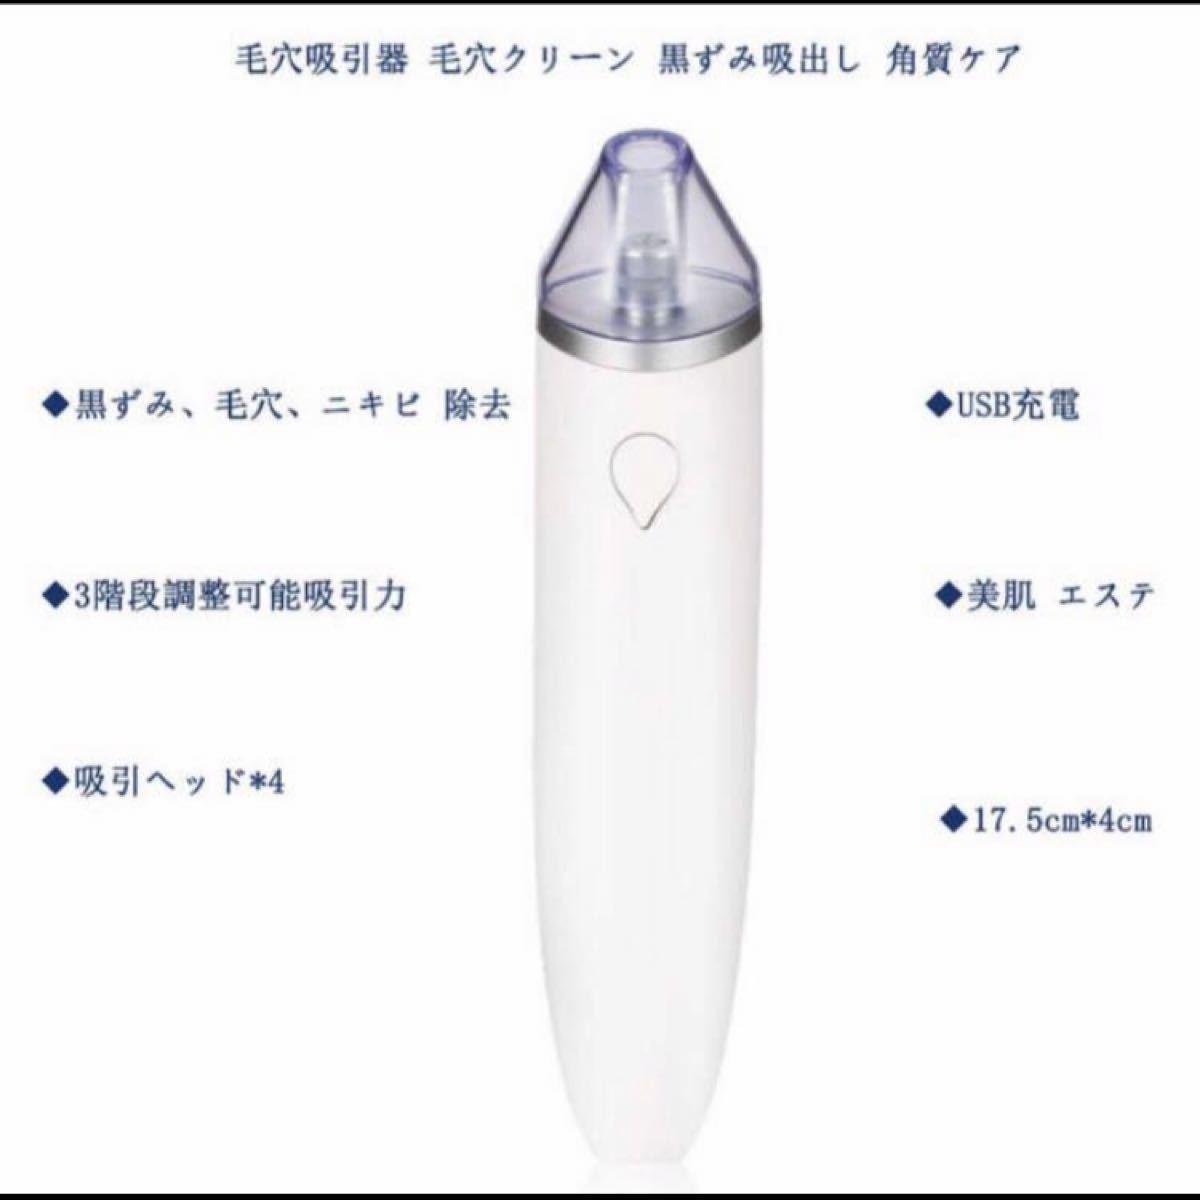 毛穴吸引器 美顔器